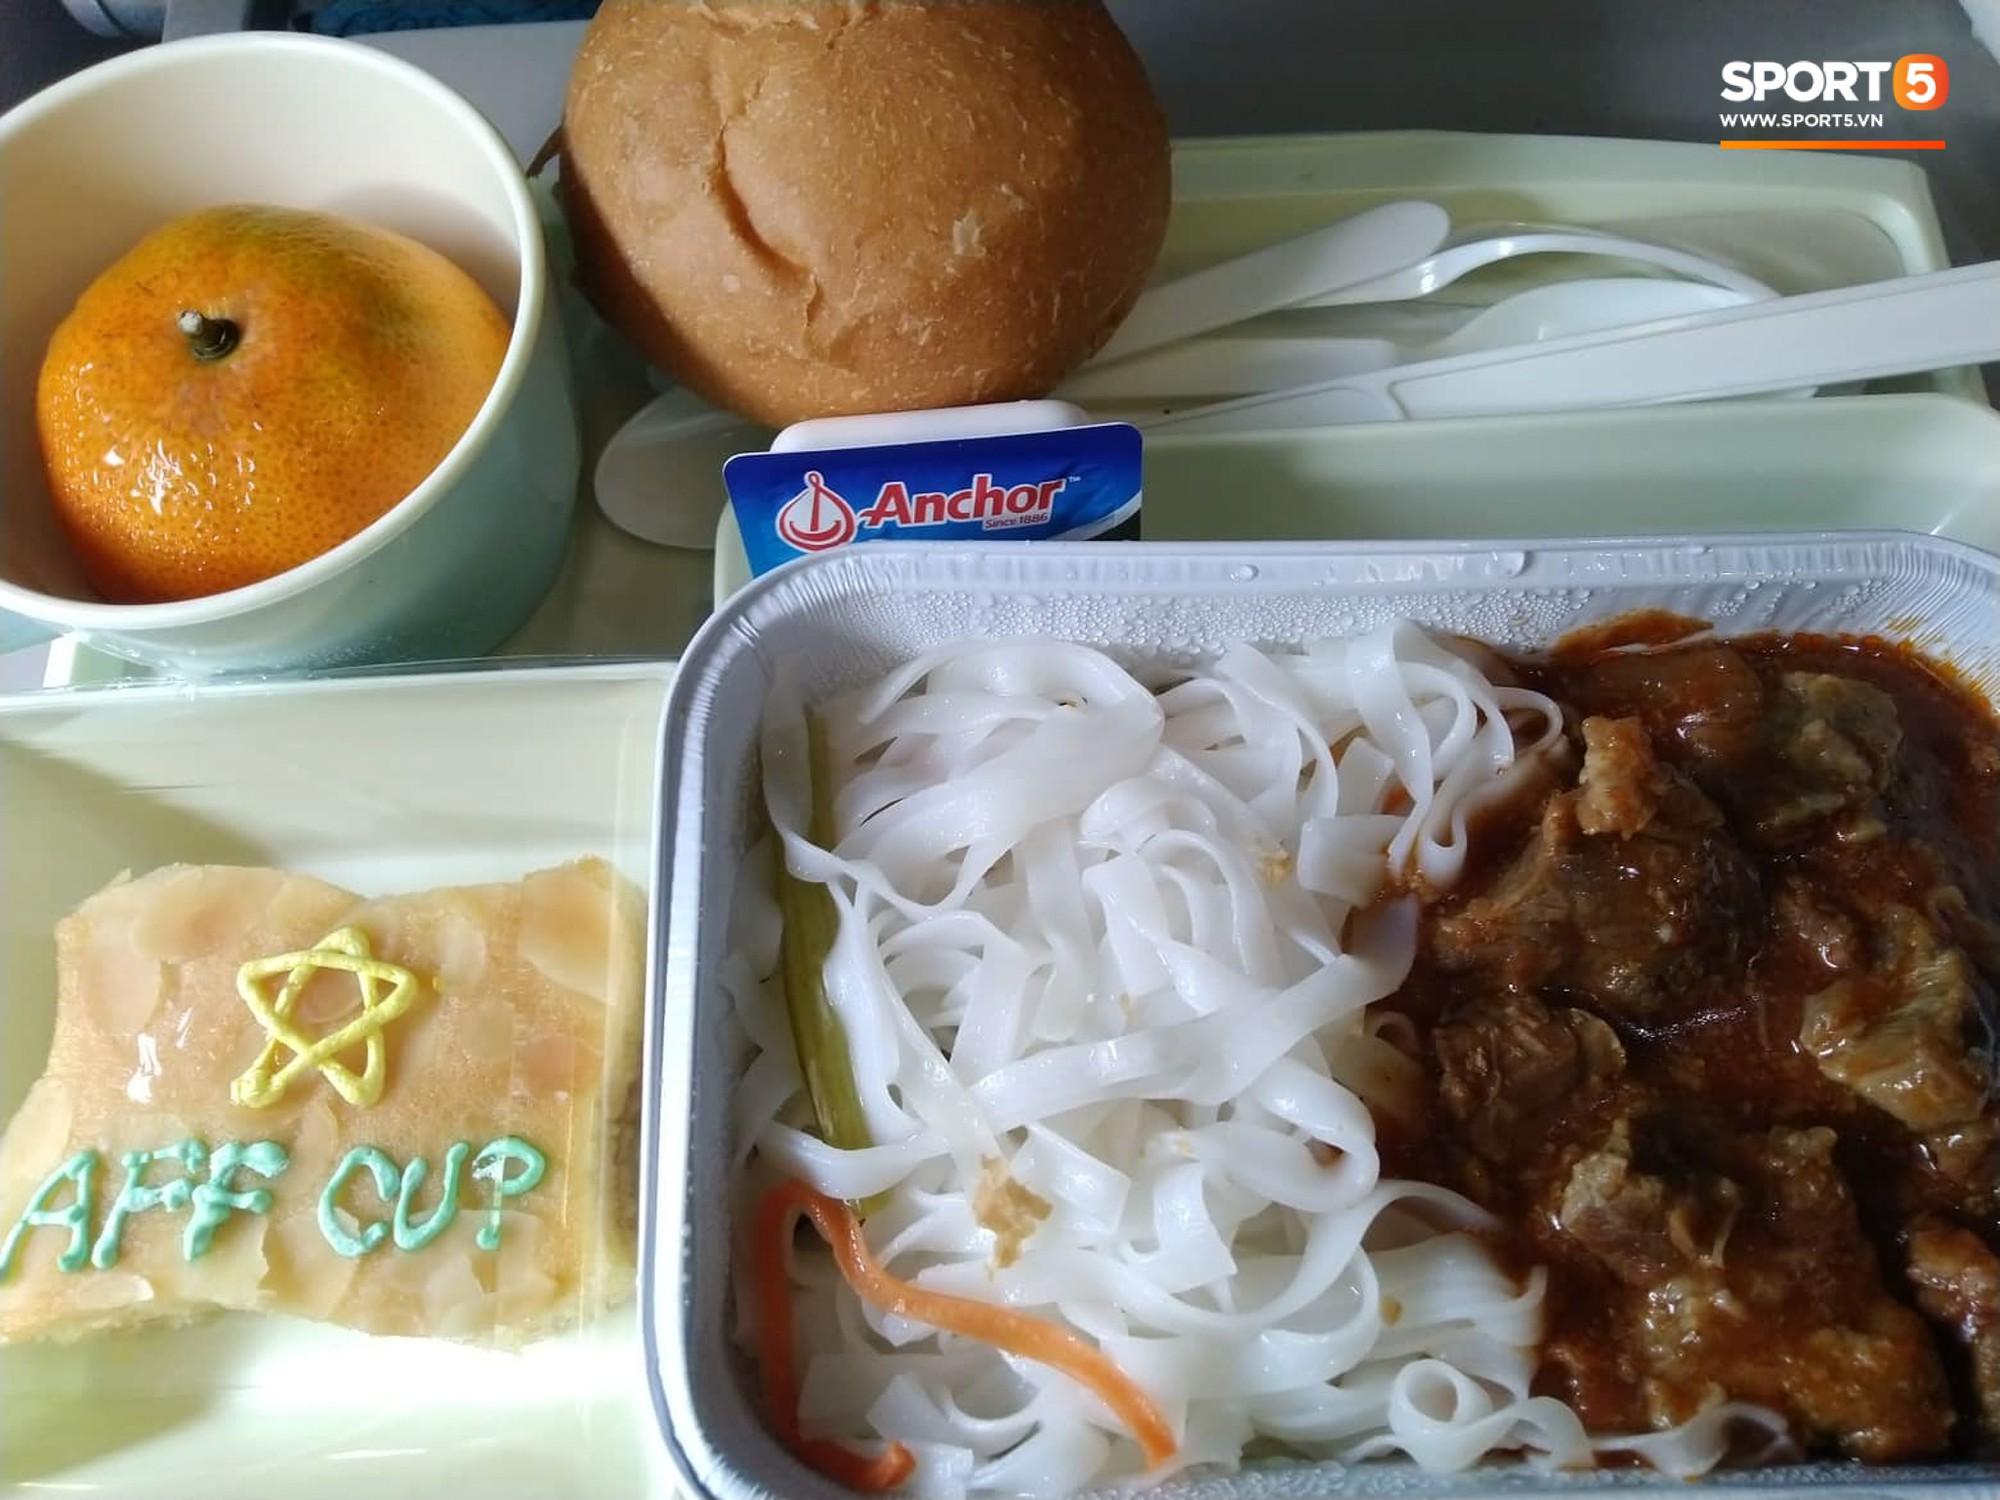 Món ăn khiến đội tuyển Việt Nam bất ngờ trên máy bay từ Philippines về Hà Nội 1